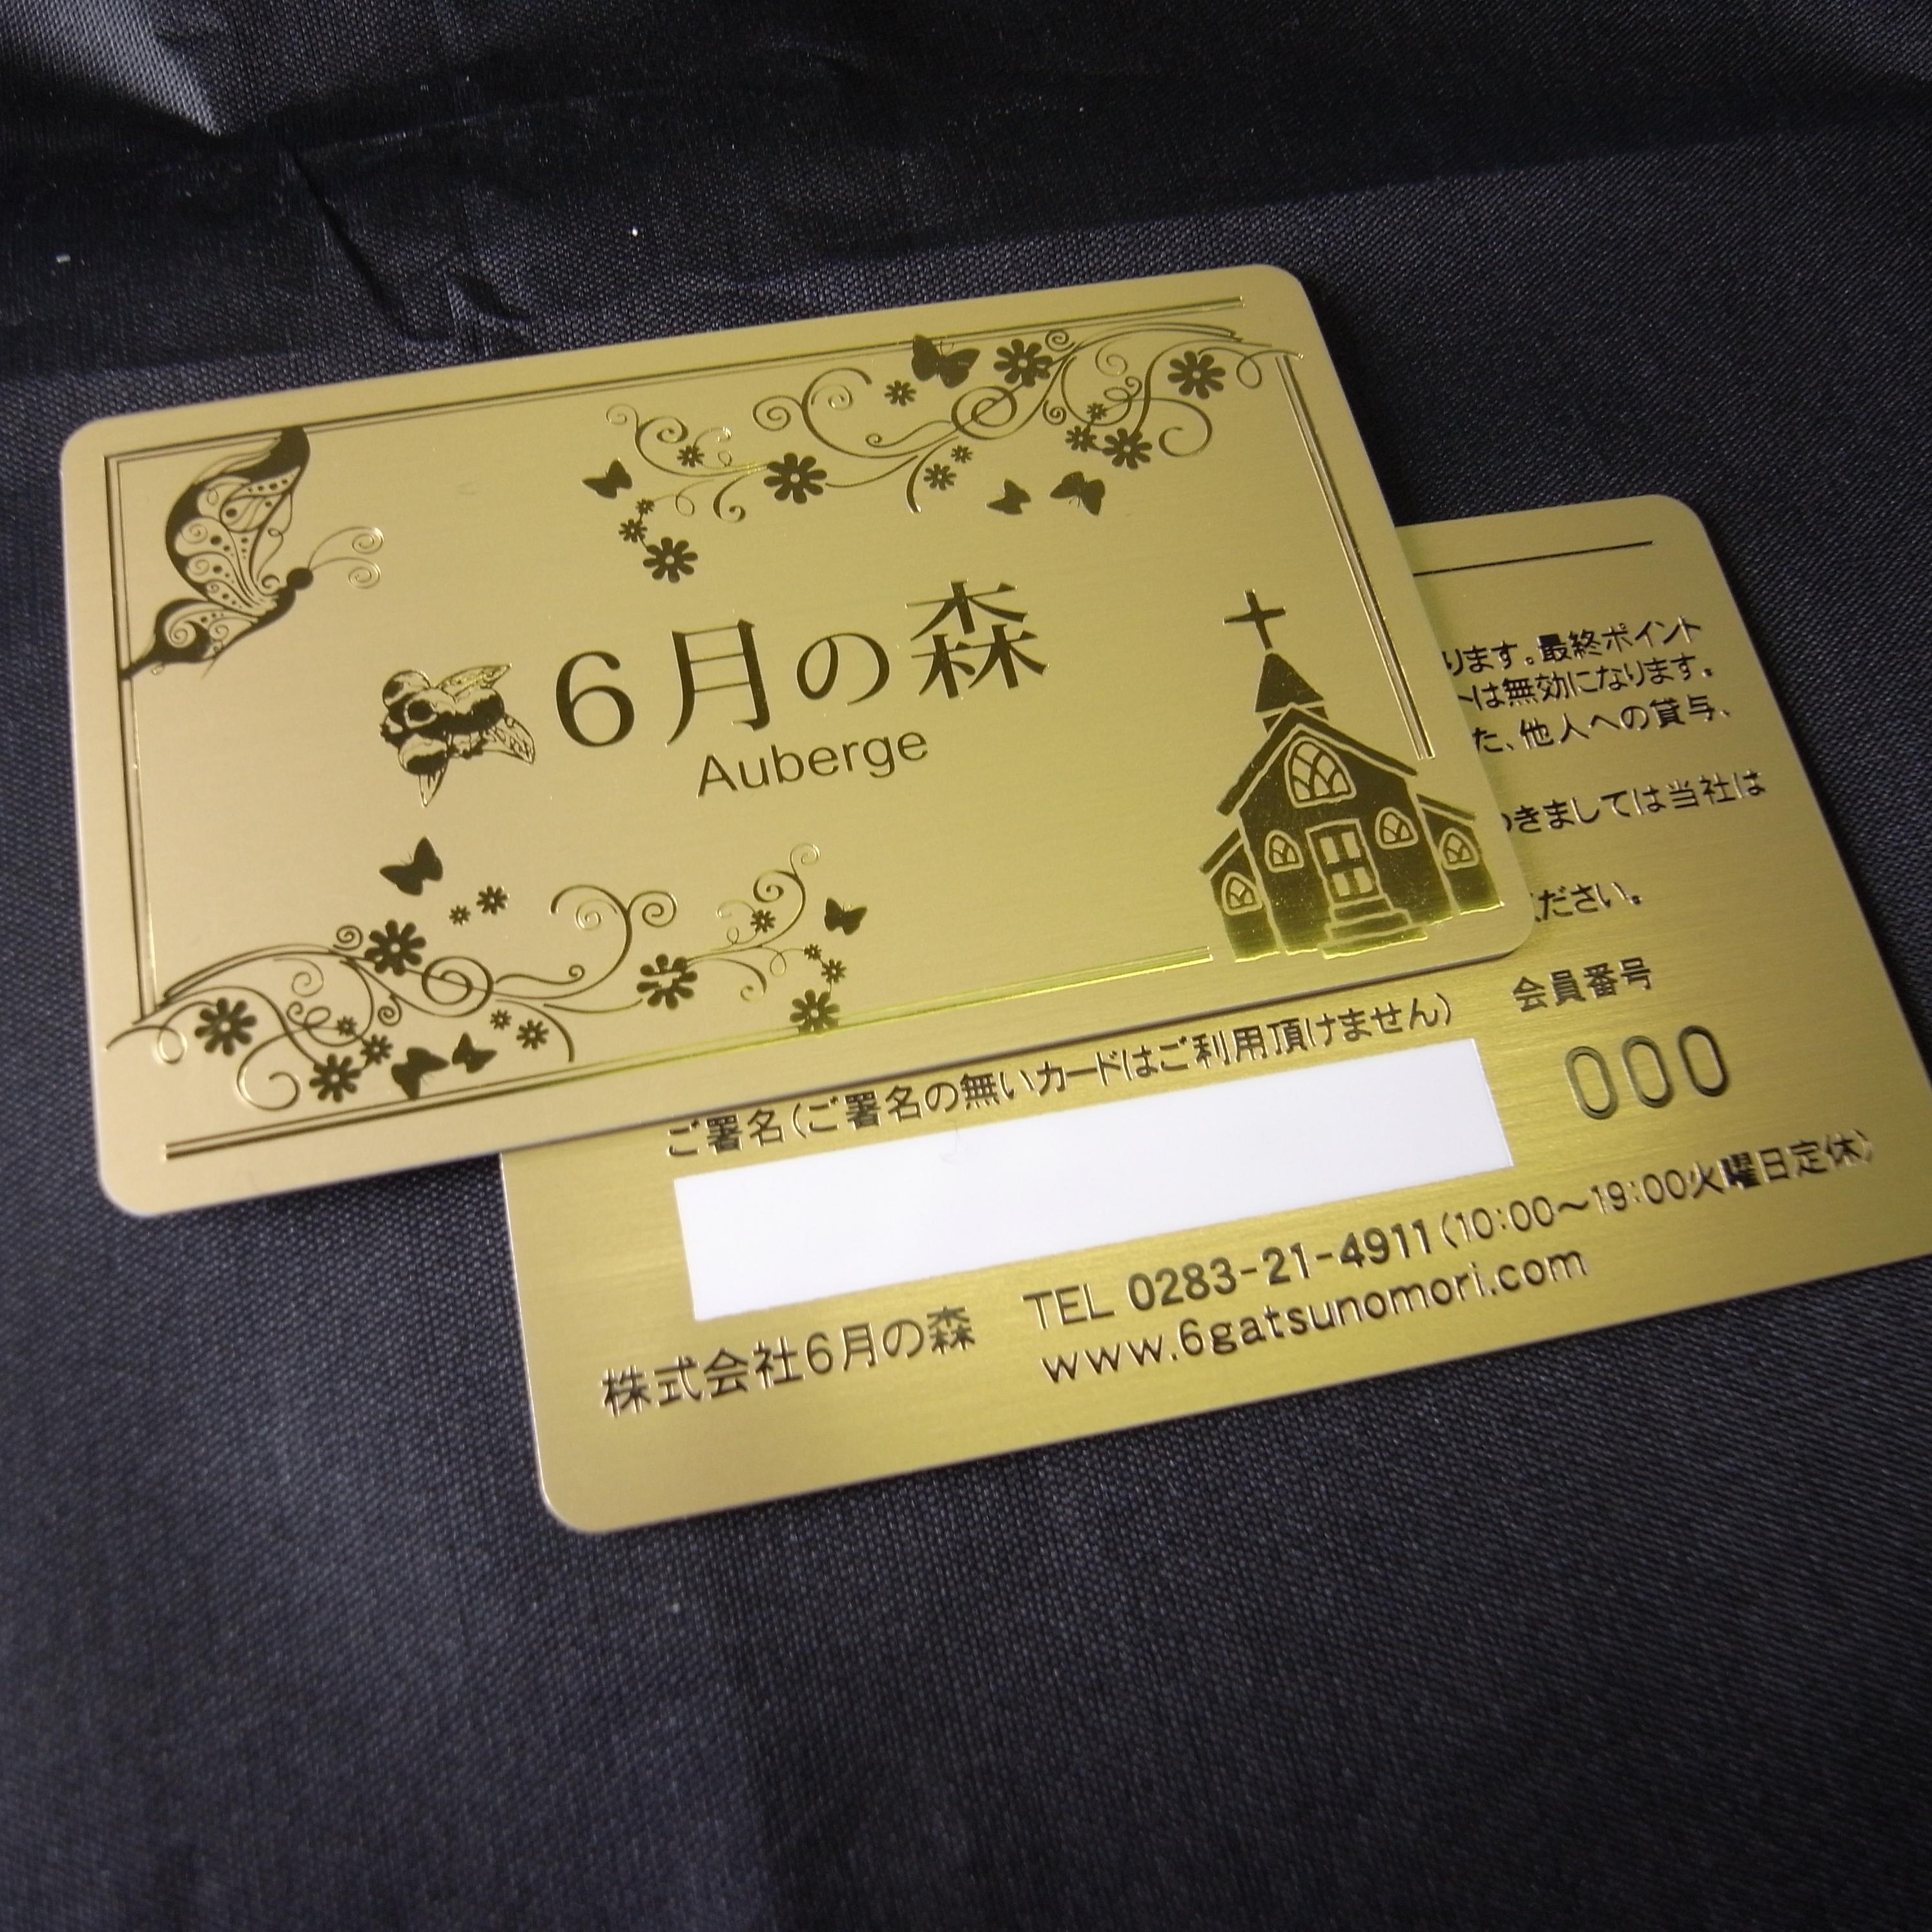 6月の森会員カード